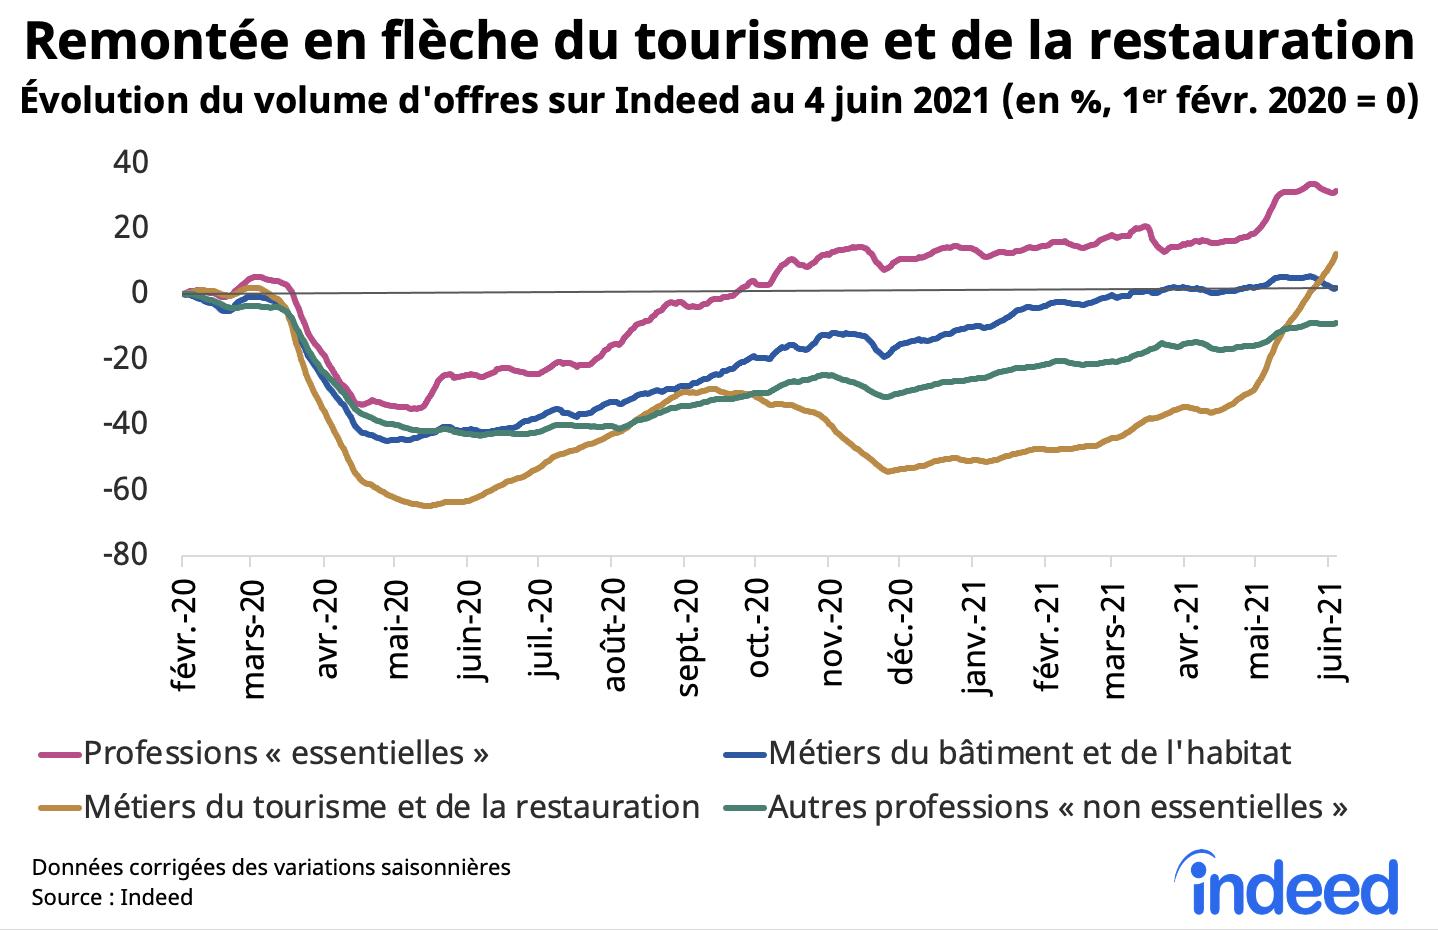 Remontee en fleche du tourisme et de la restauration